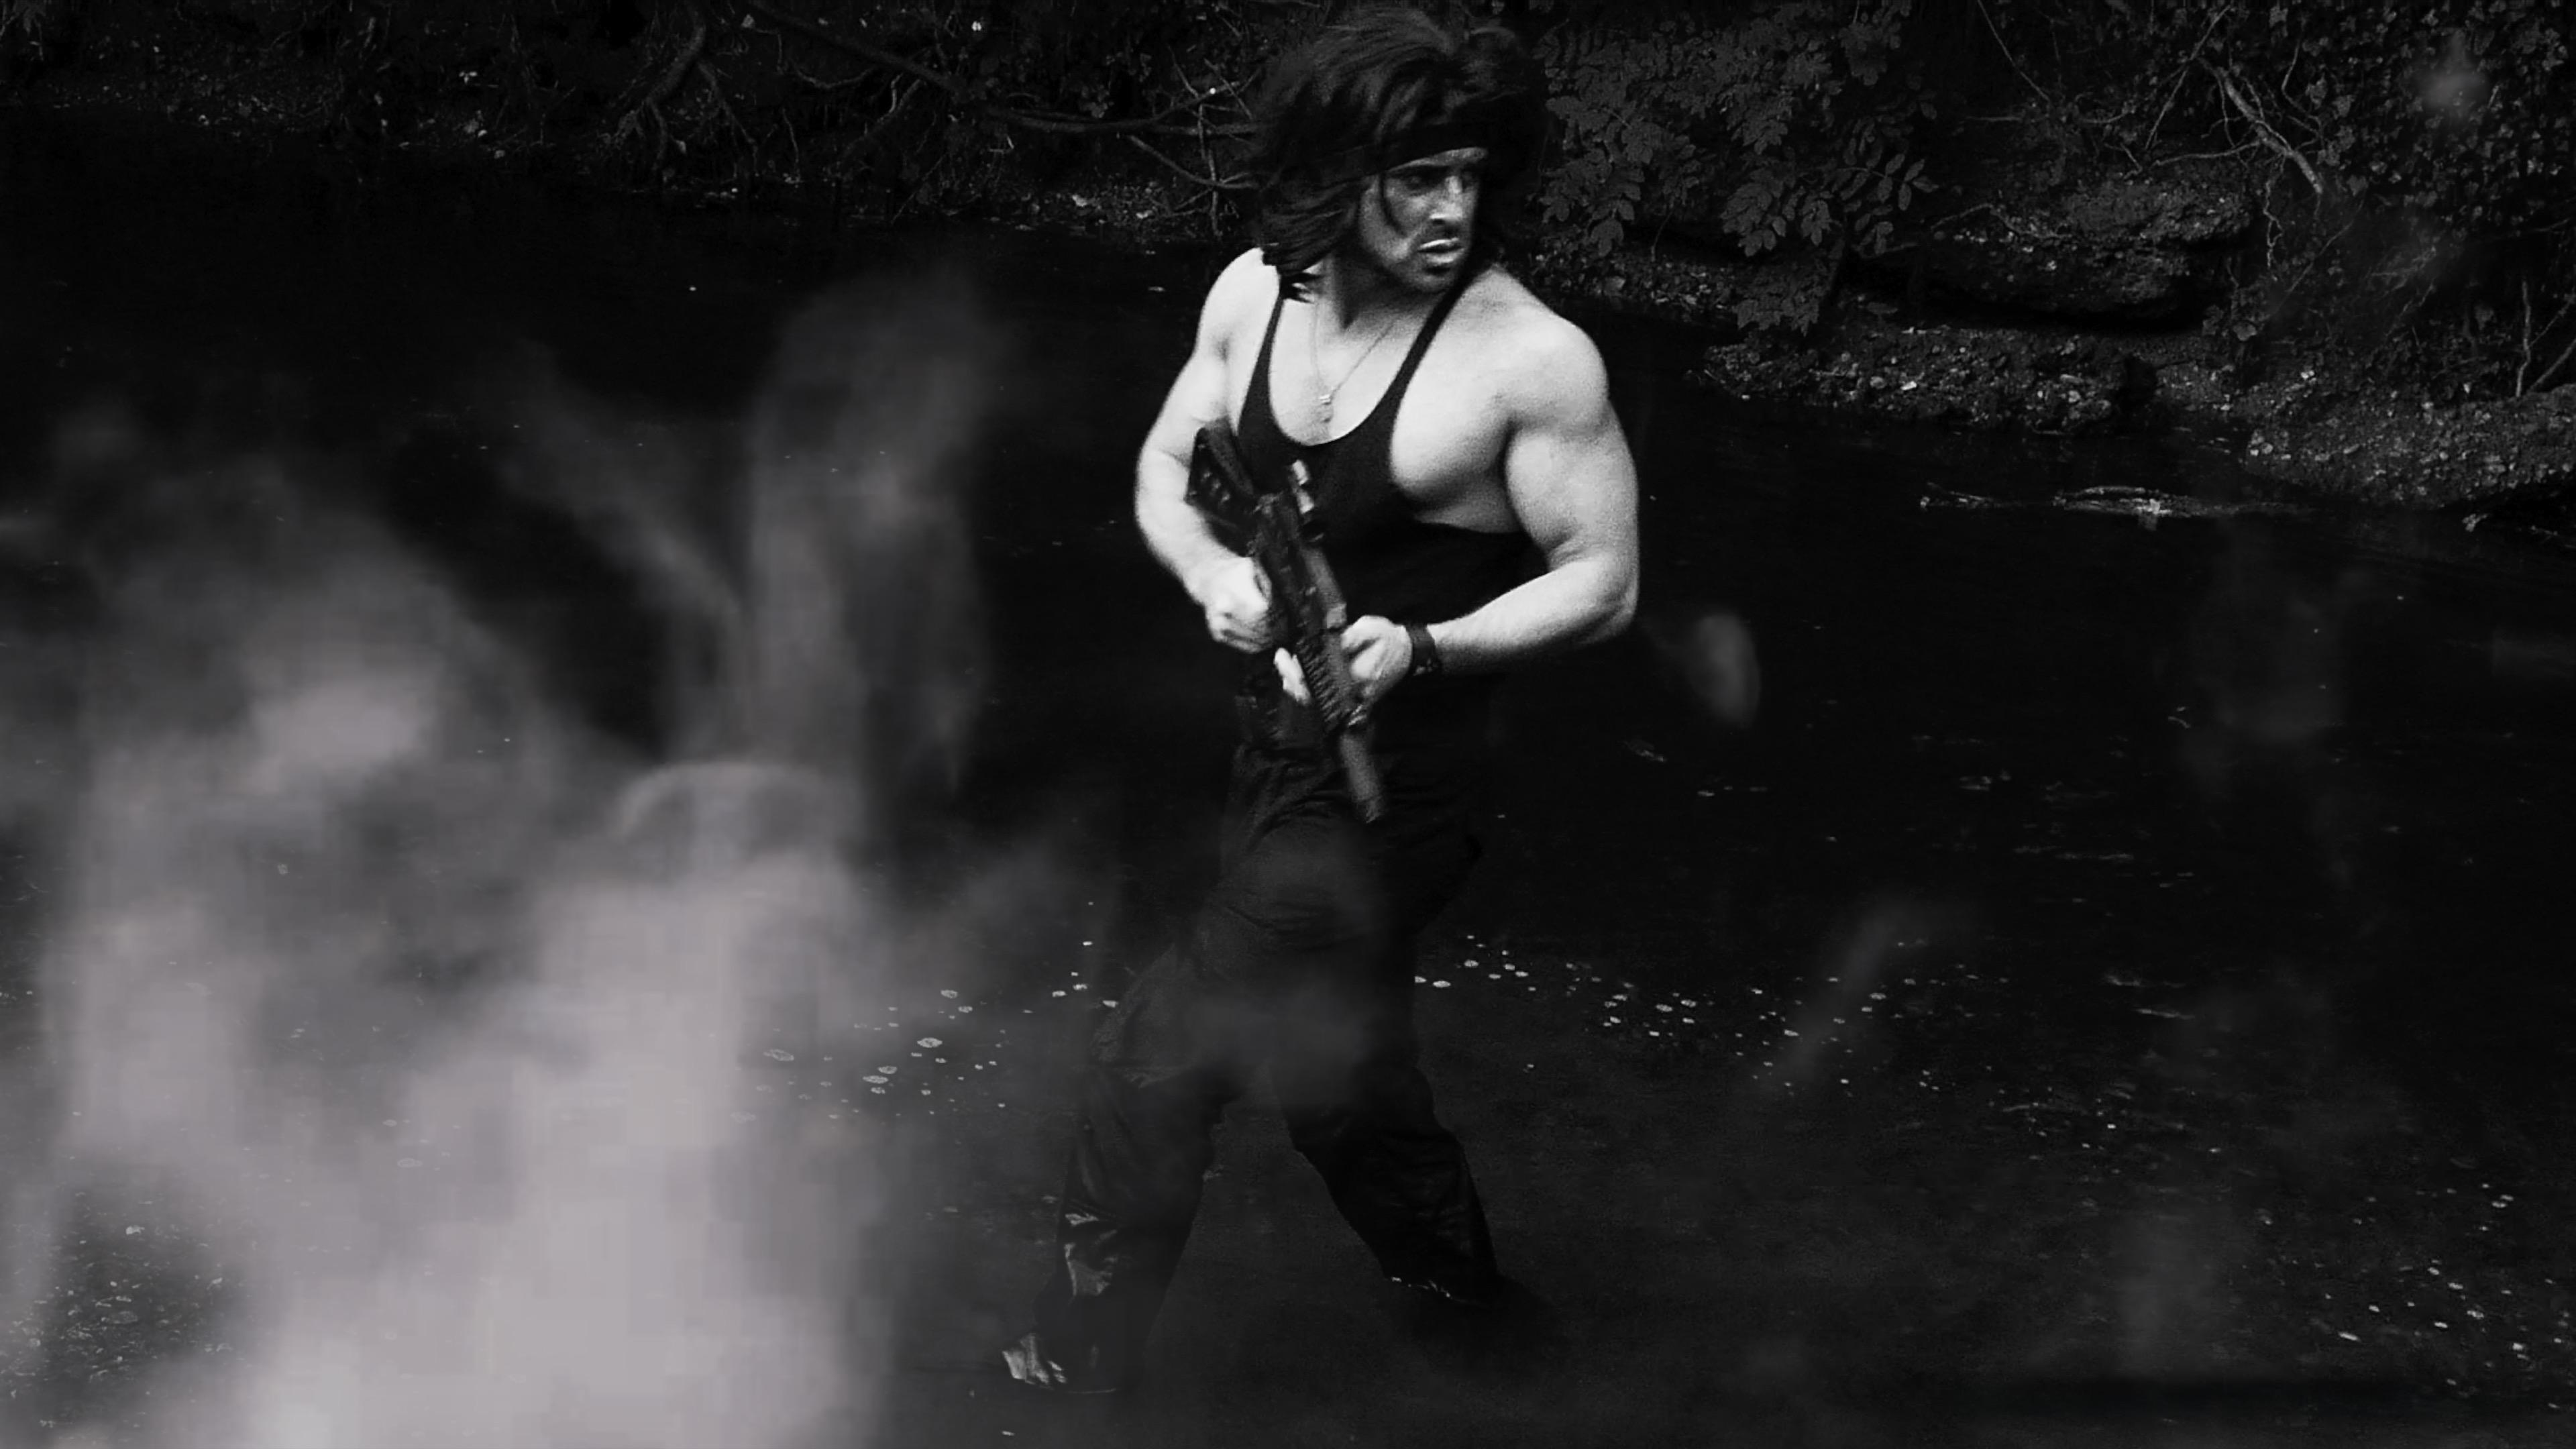 Rambo in water smoke Image 1